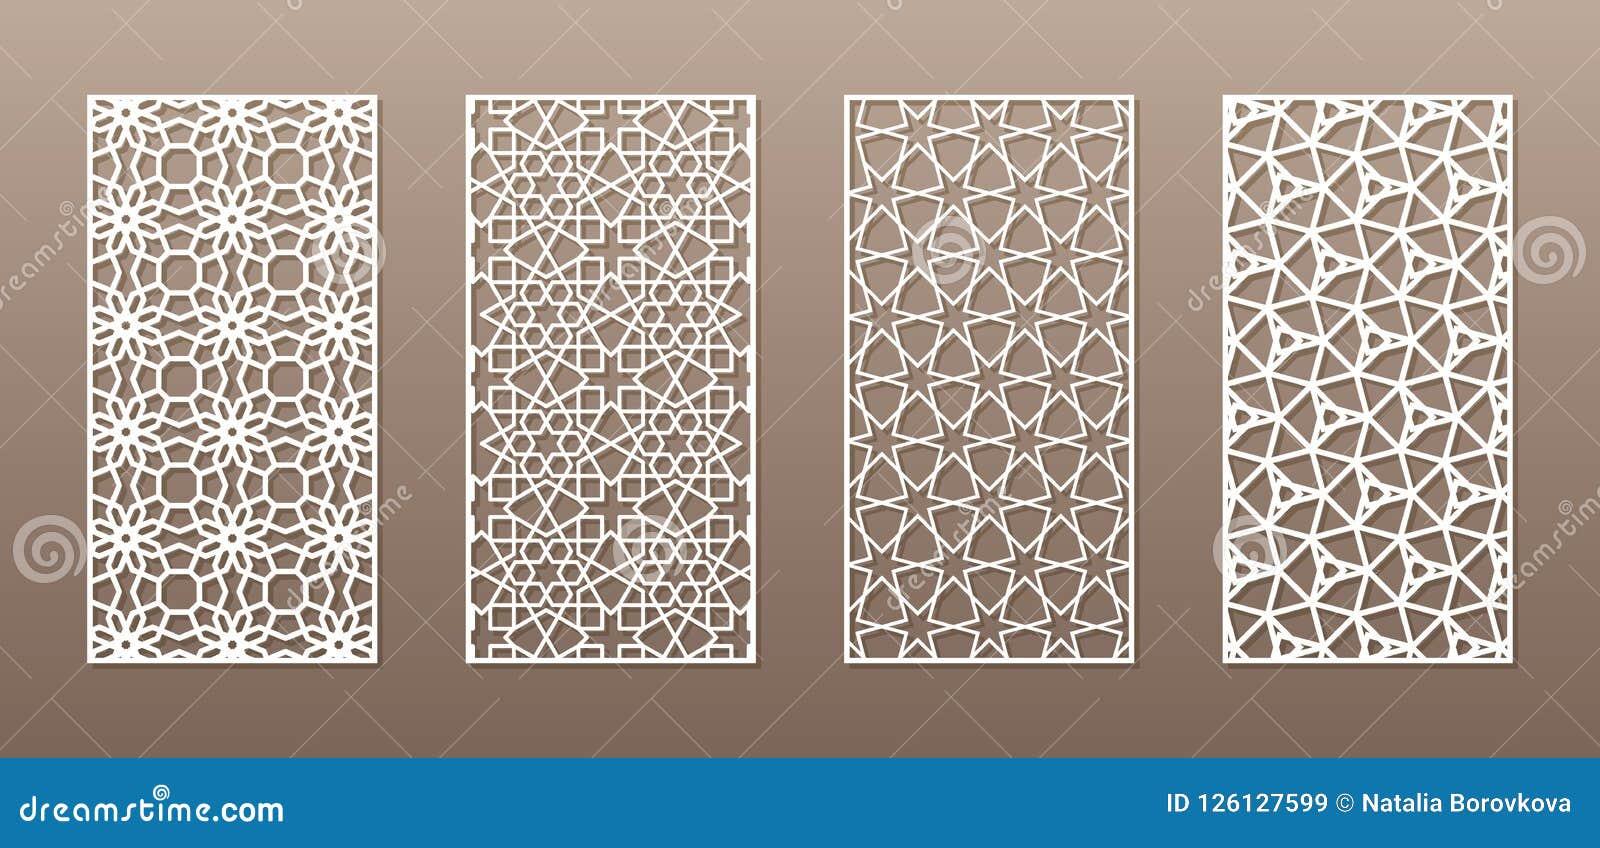 Siluetta trasparente con il modello arabo, modello geometrico del girih musulmano Disegno adatto a fondo, invito